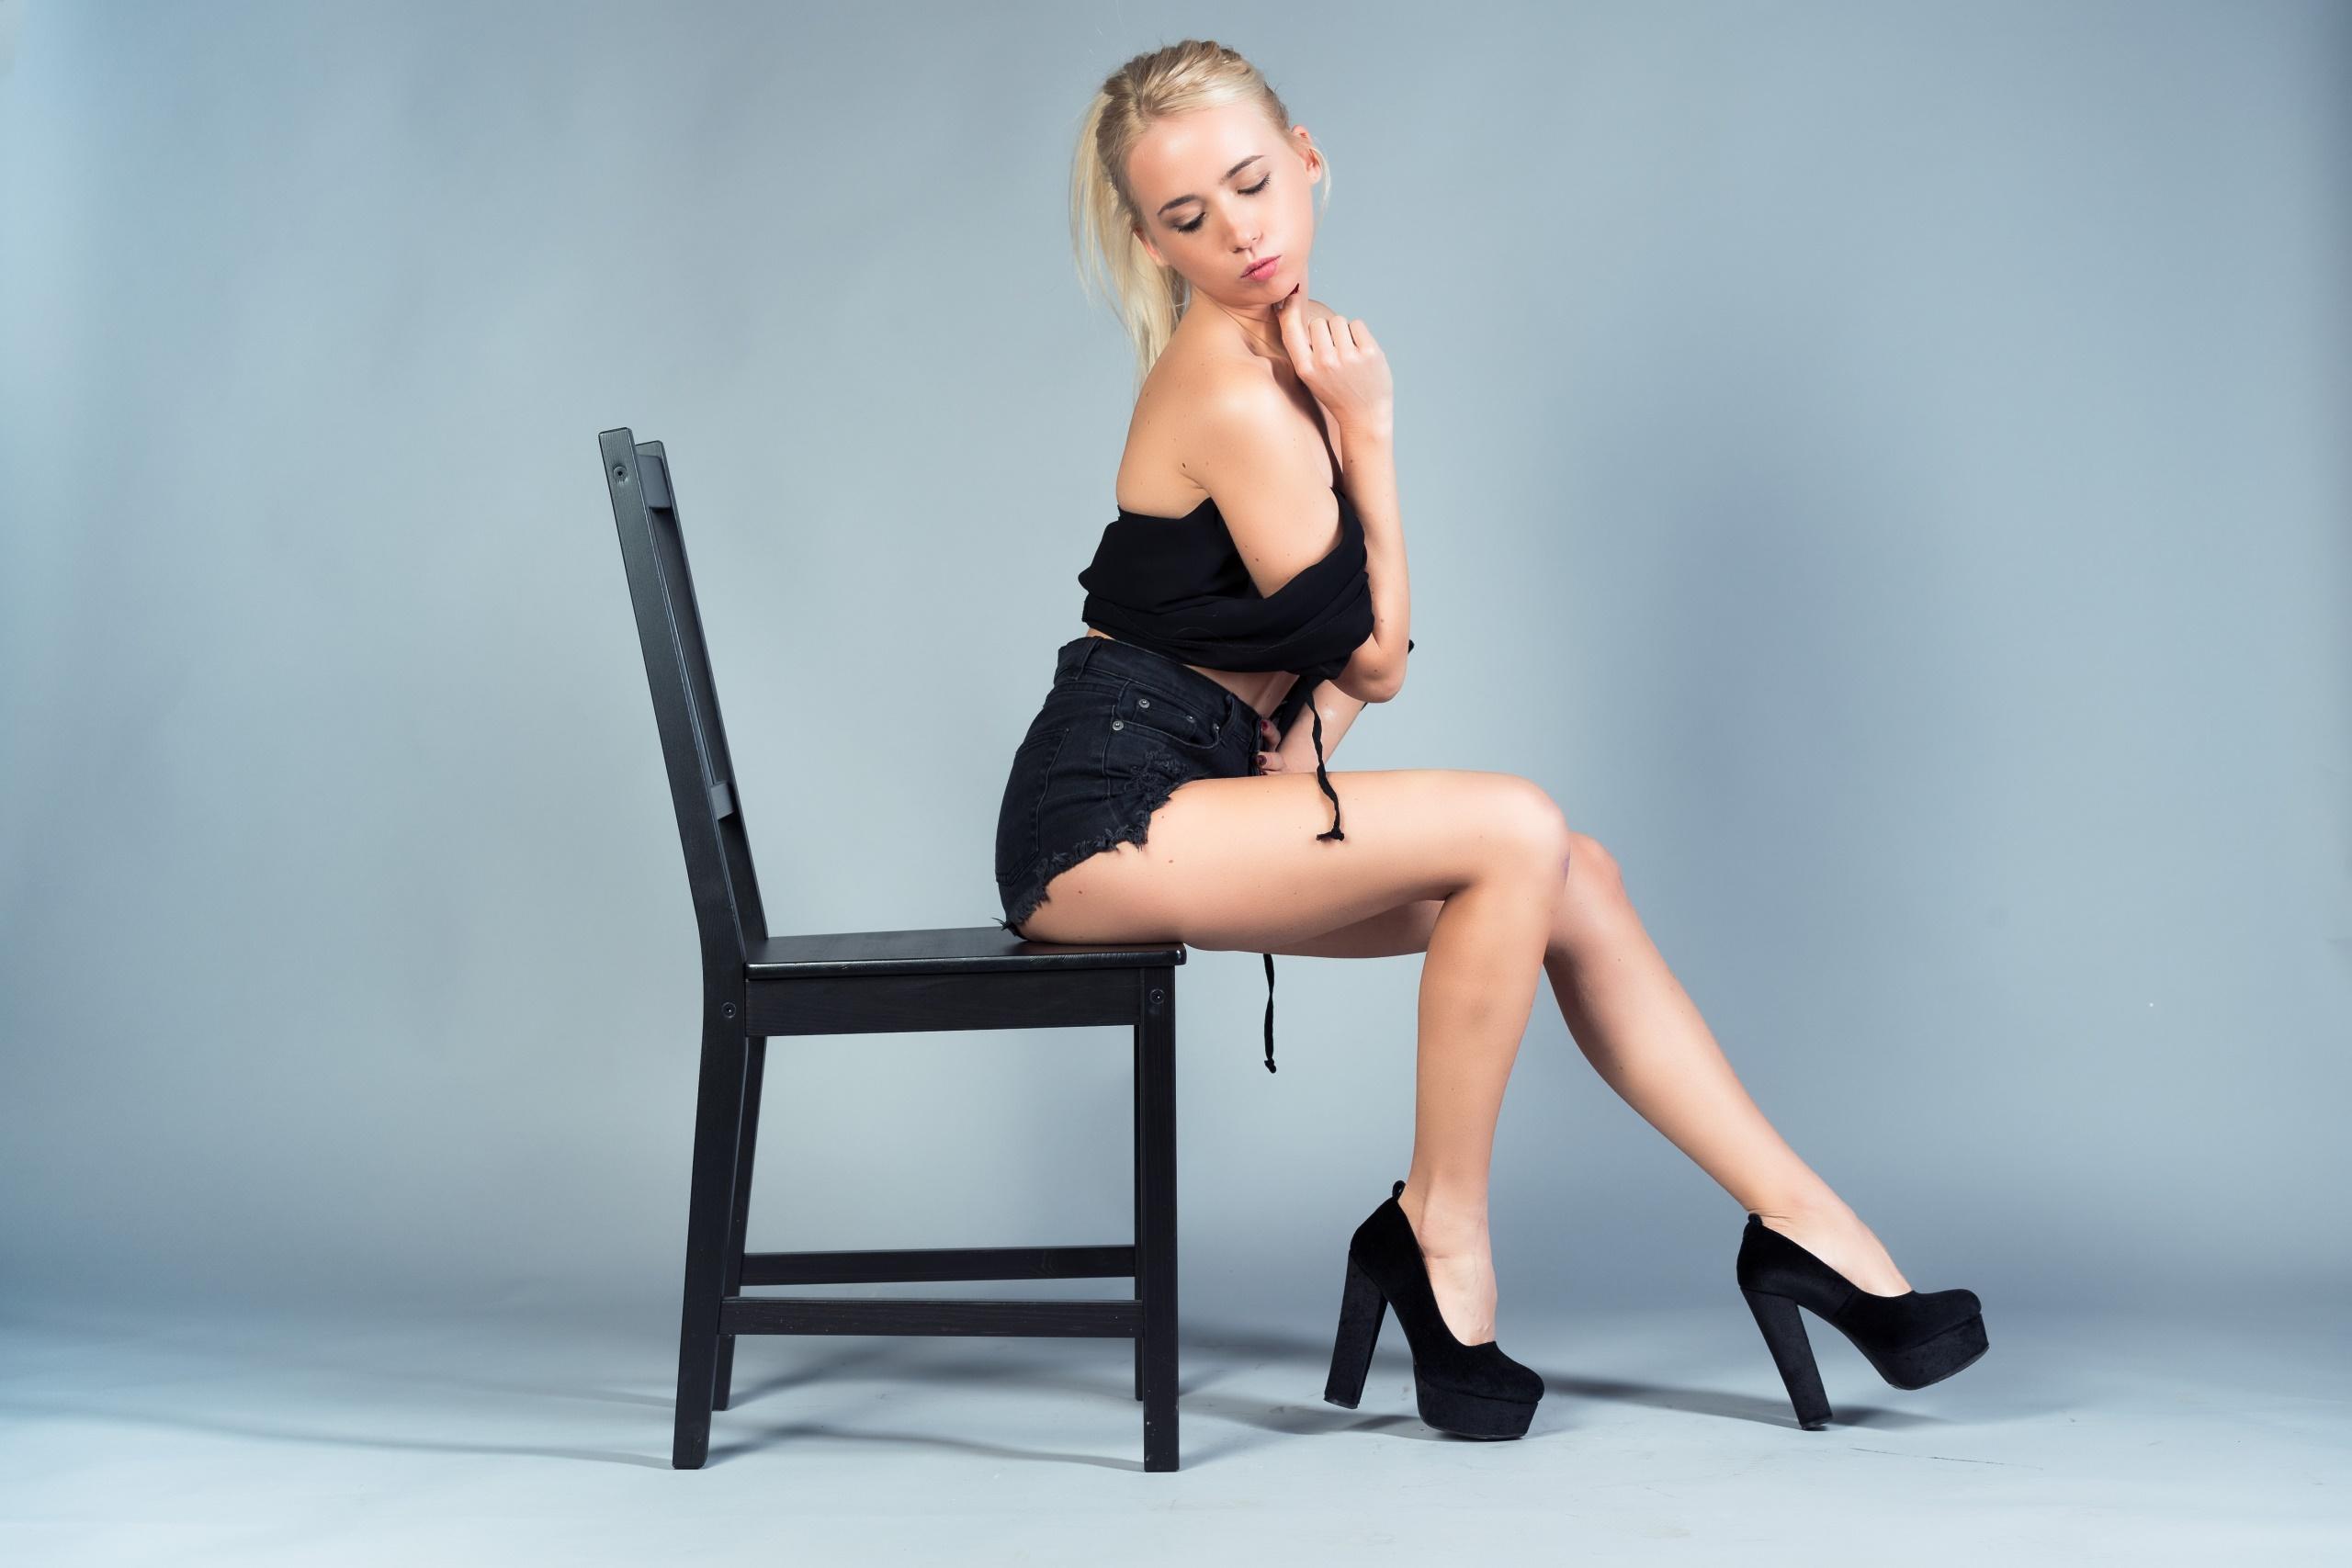 Видео бесплатно блондинка на стуле